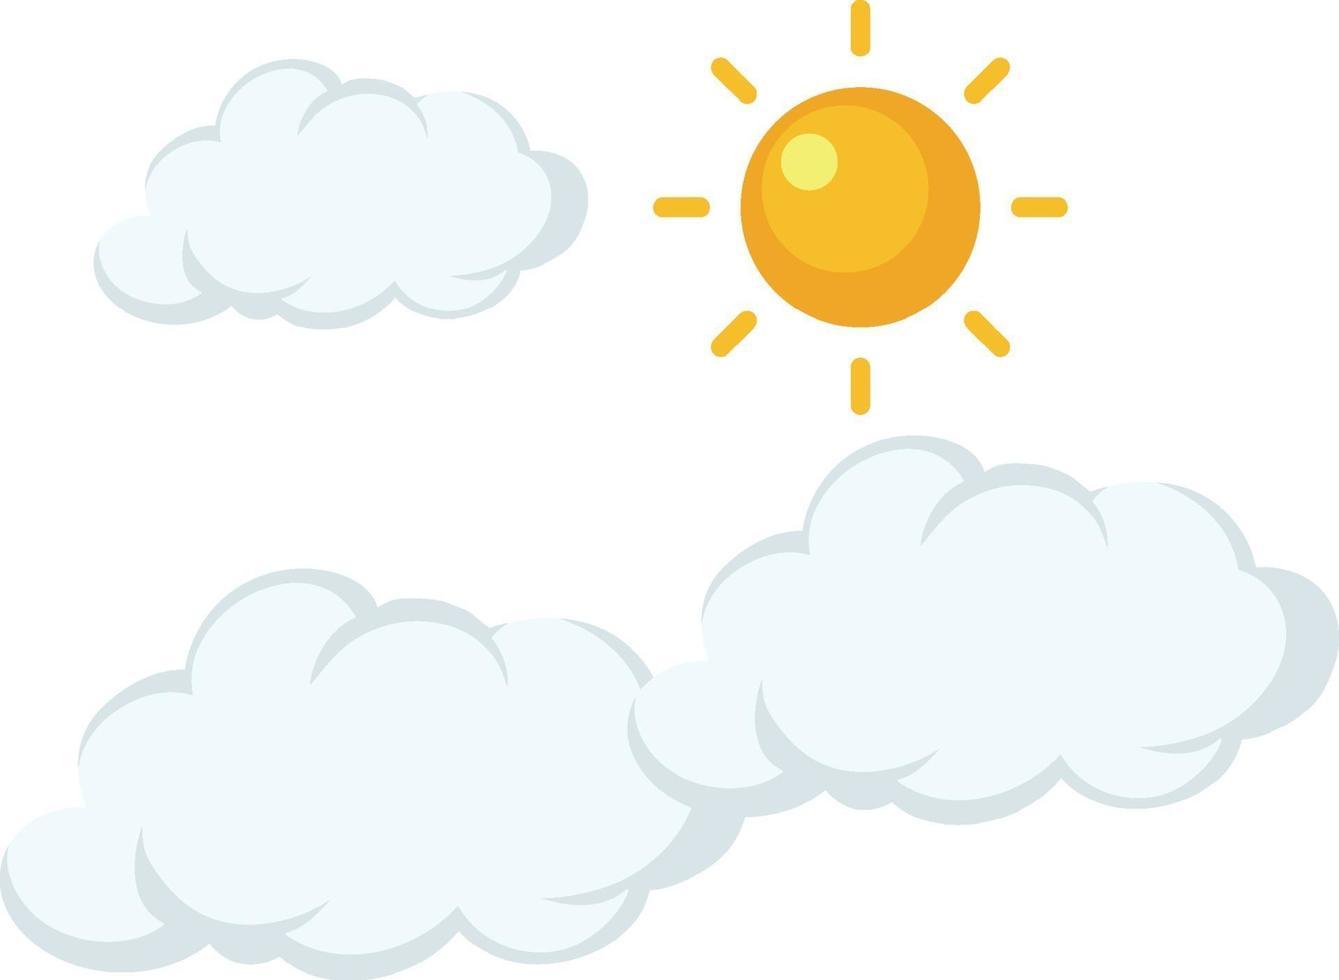 zon met wolk cartoon stijl op witte achtergrond vector